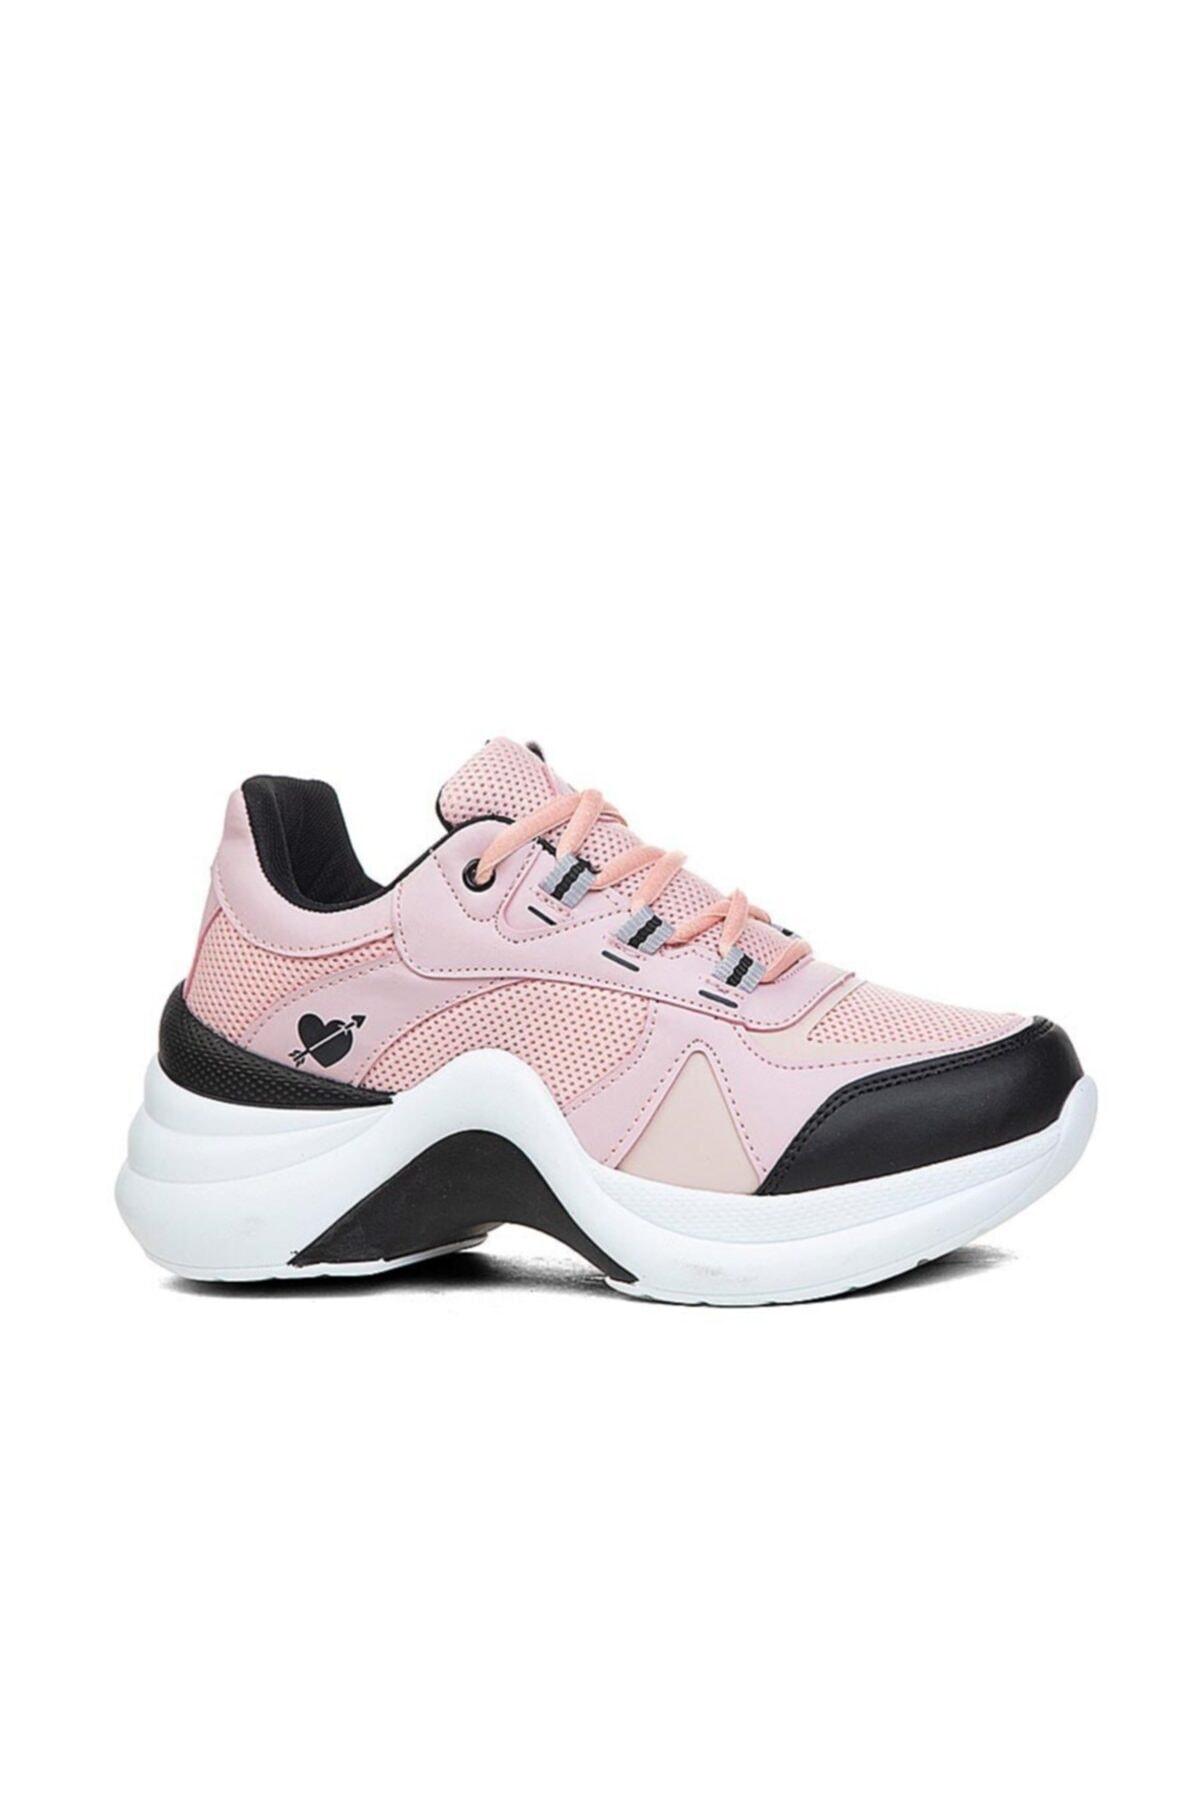 Twingo Kadın Spor Ayakkabı Pudra Sneaker 2